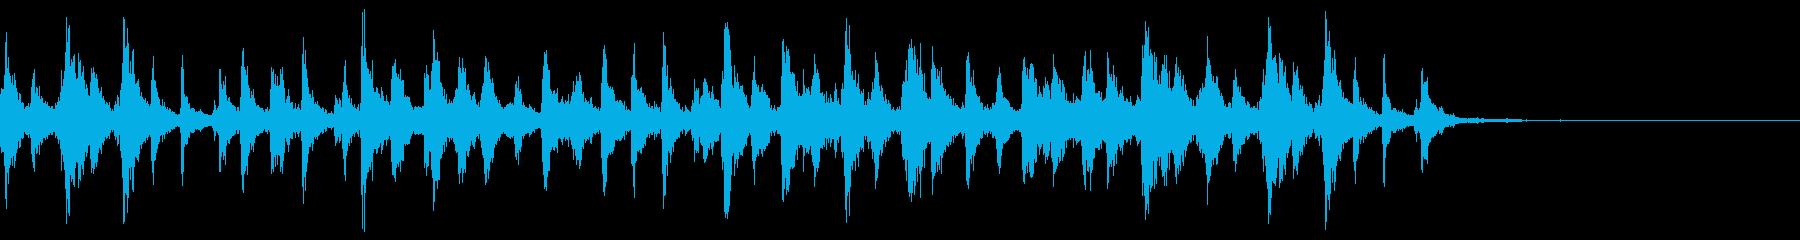 シャンシャンシャン クリスマスの鈴1の再生済みの波形